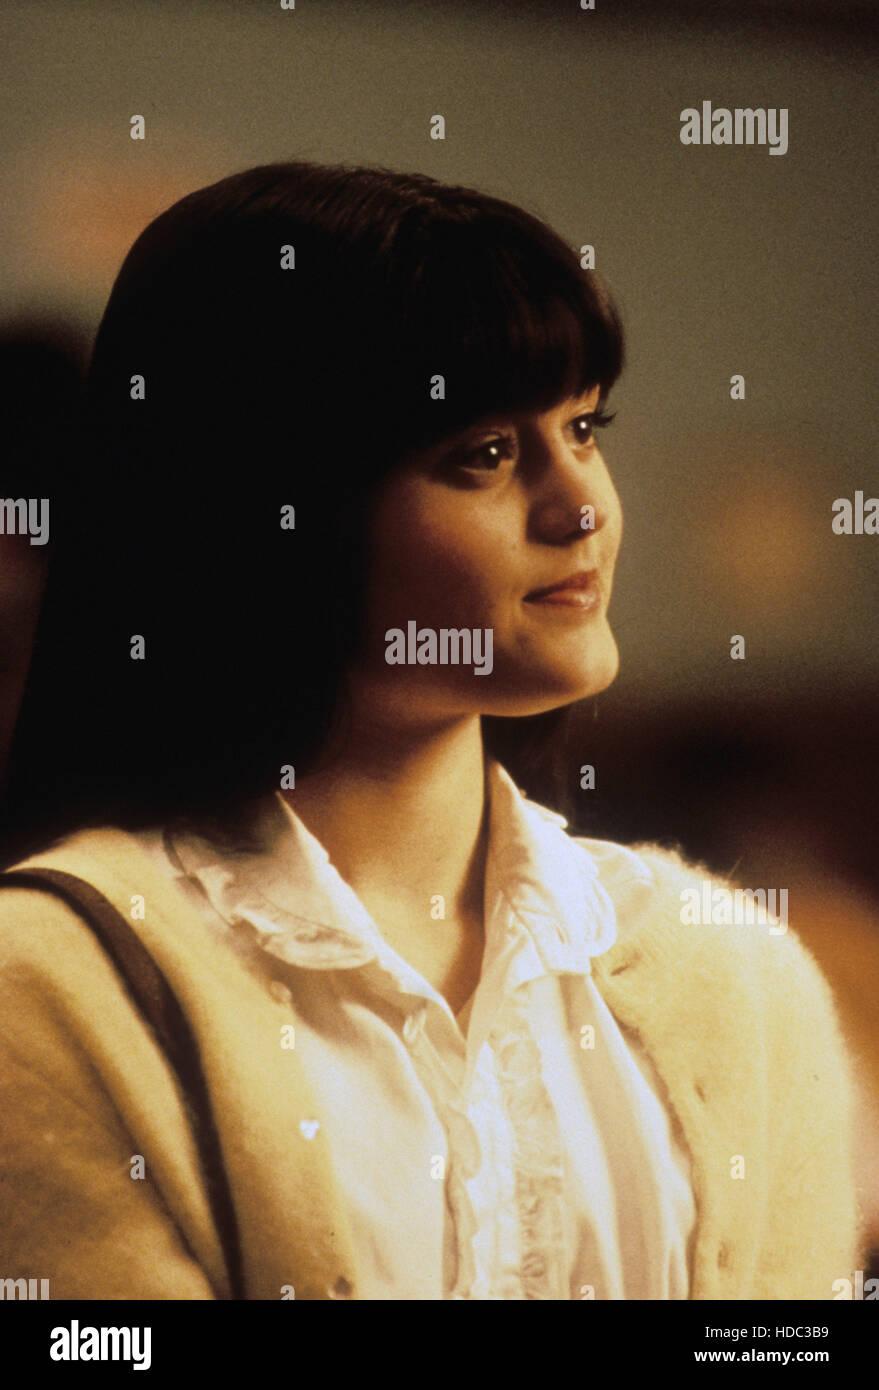 THE WONDER YEARS, Danica McKellar, (1992), 1988-1993  photo: ©Warner